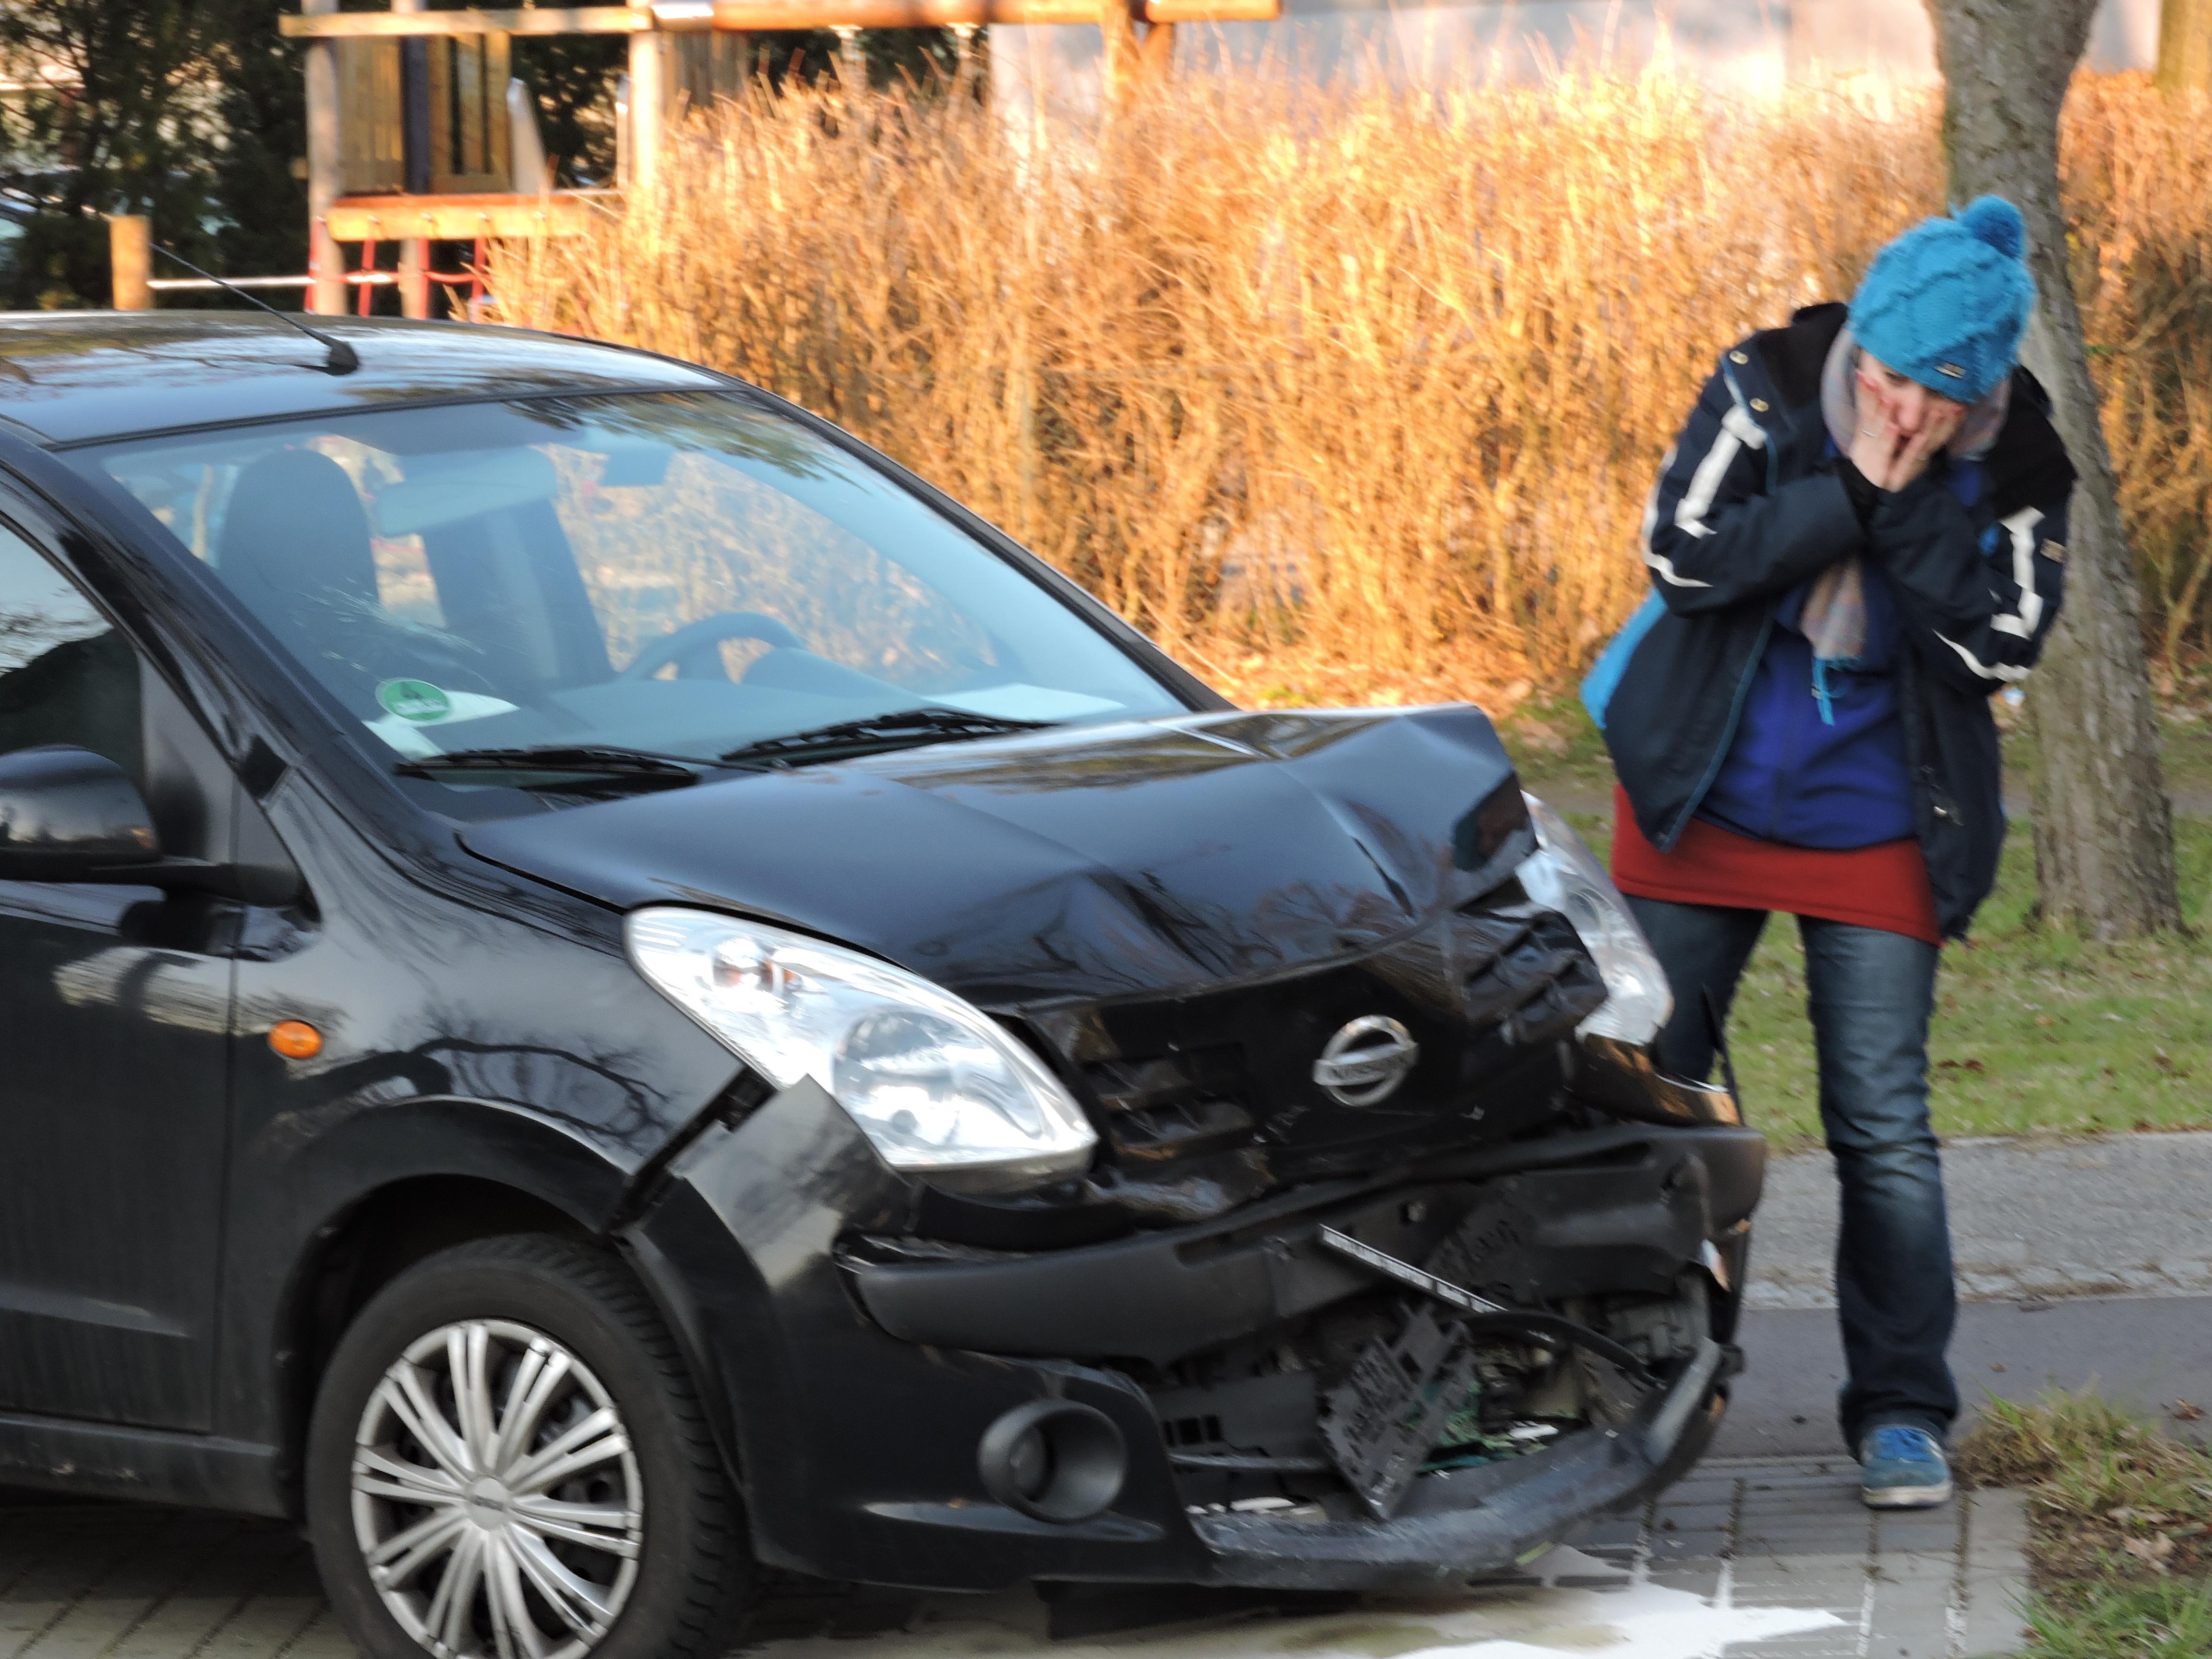 Verkehrsunfall Totalschaden Wiederbeschaffungswert Wiederbeschaffungsaufwand Schadensersatz geltend machen einklagen